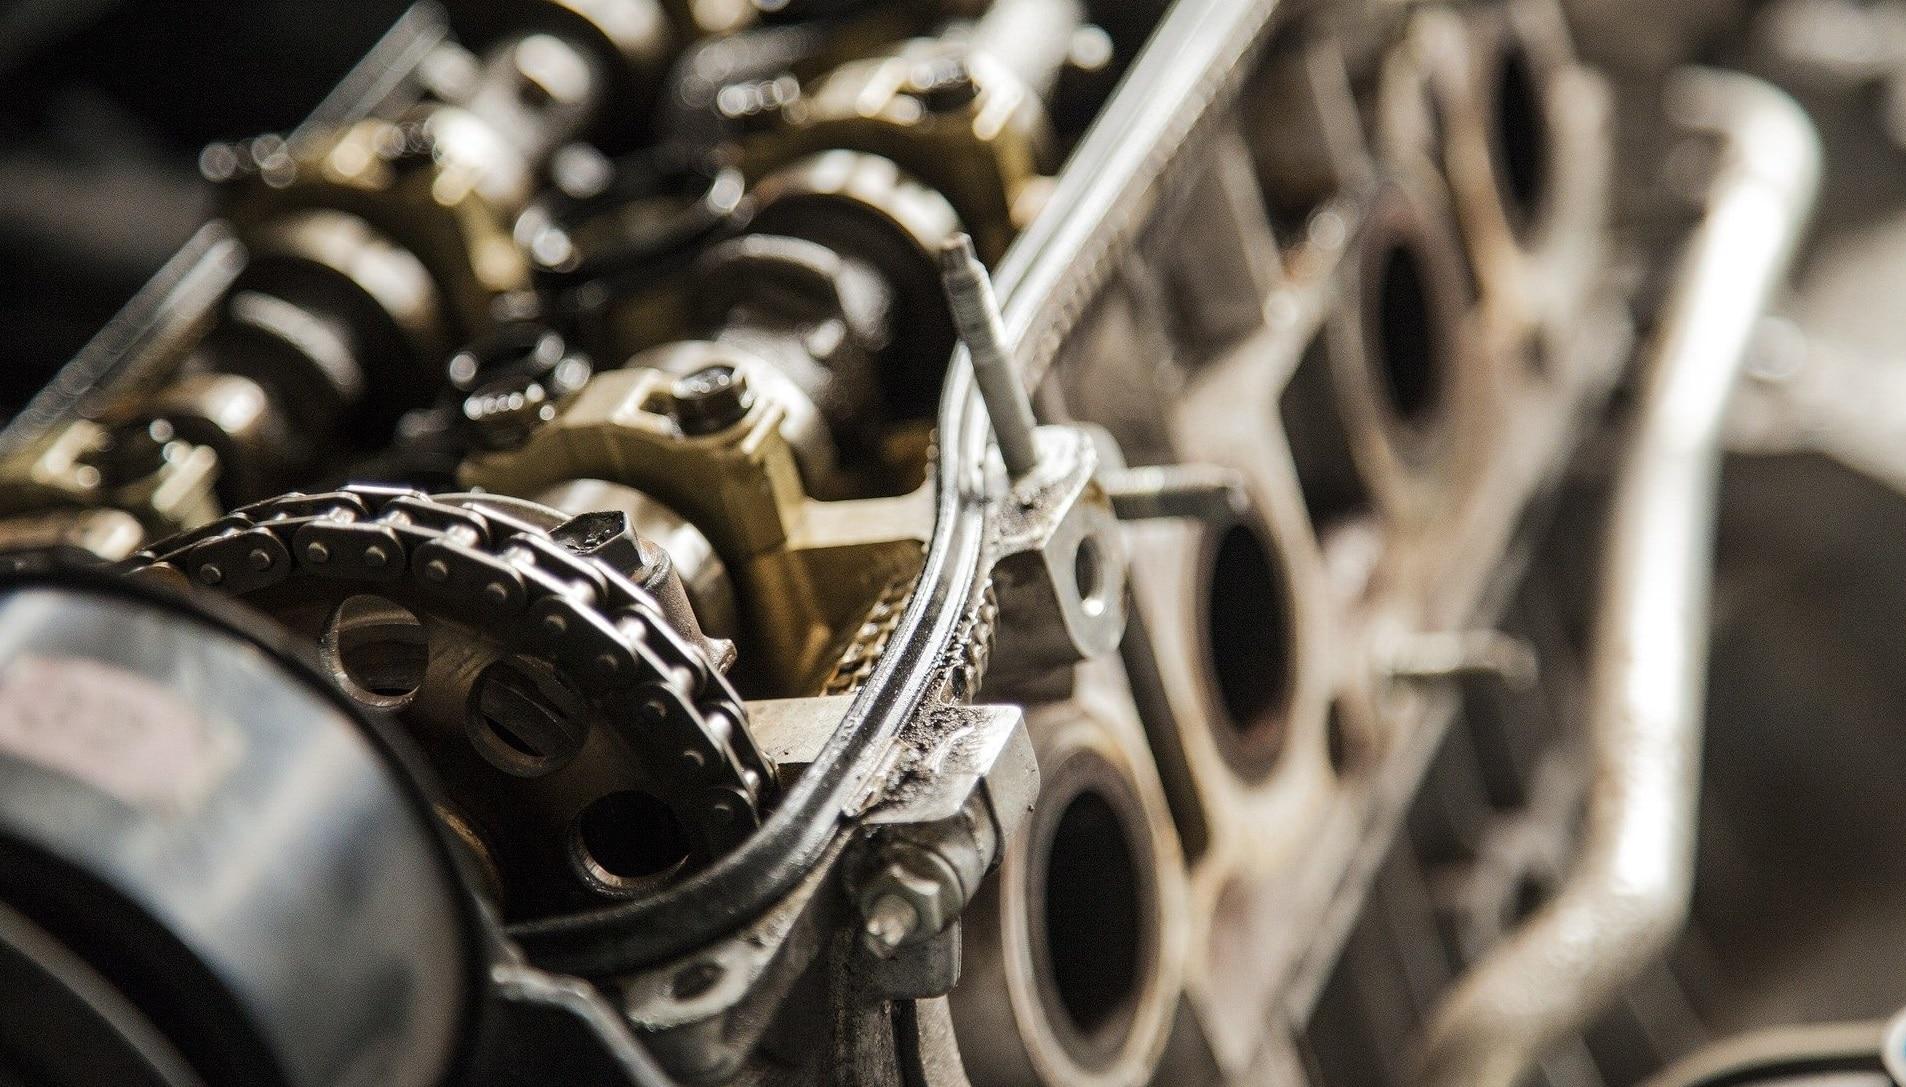 motor-anonym Referenz